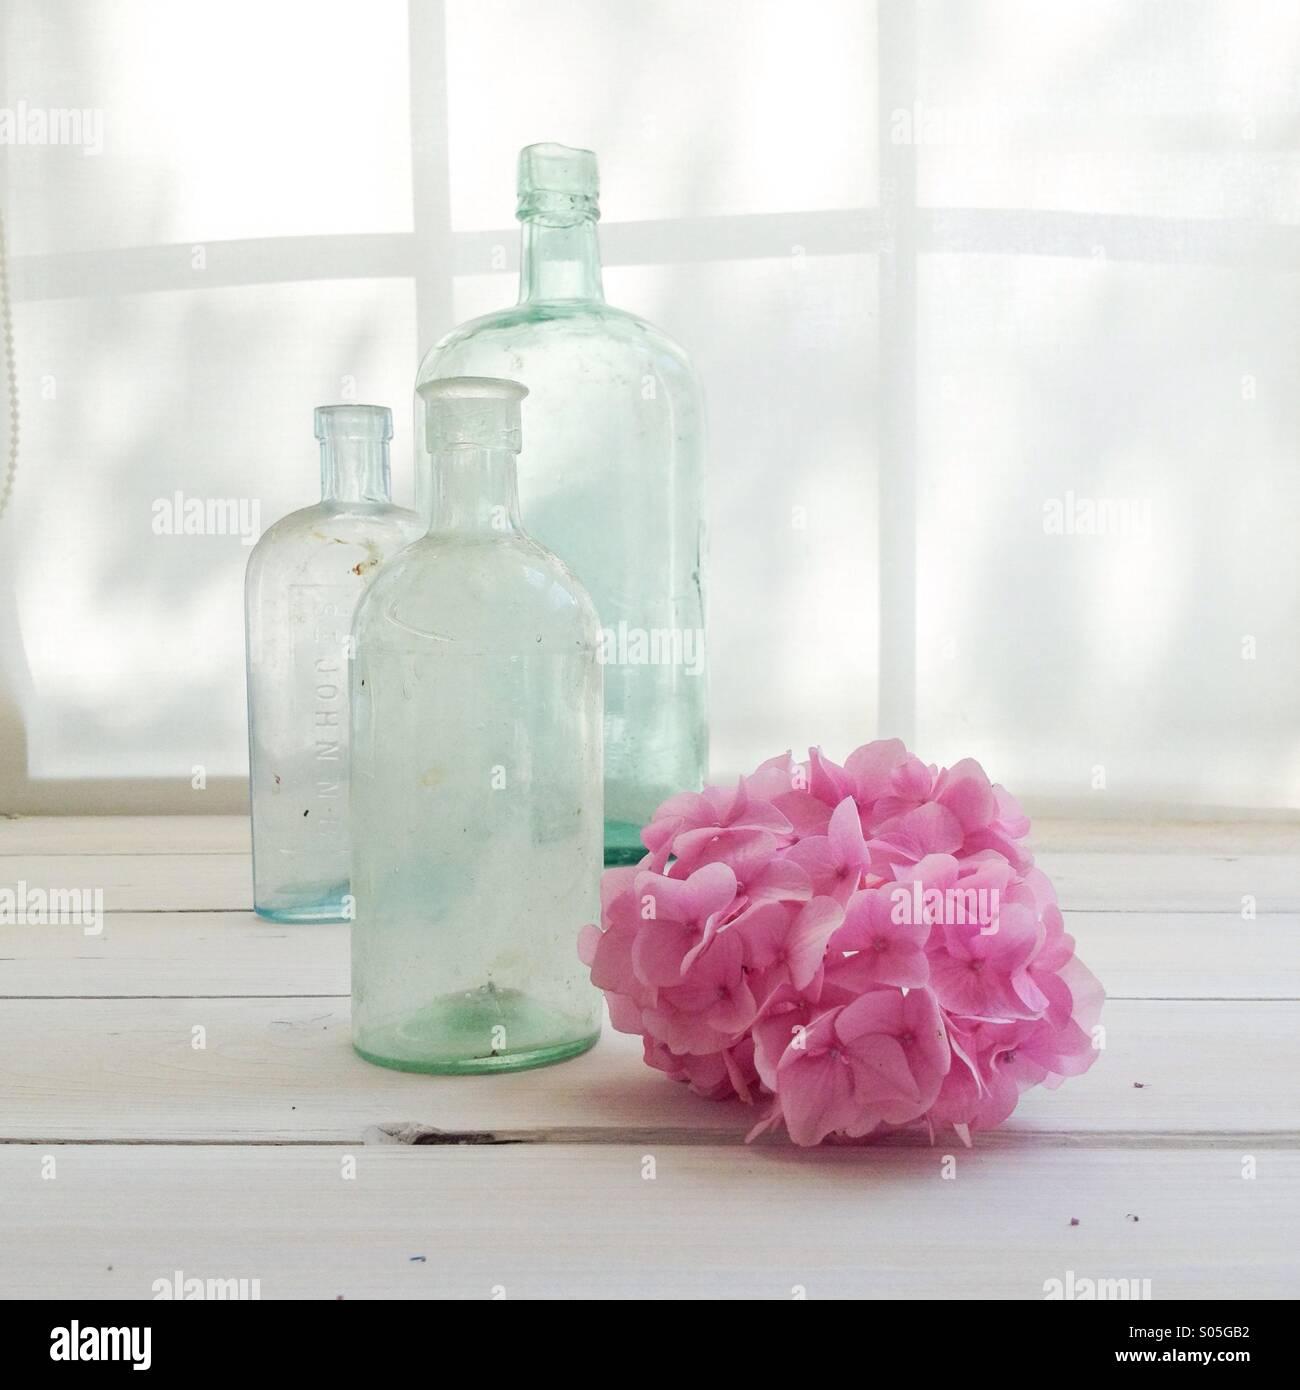 Vintage di bottiglie di vetro con ortensie rosa sul davanzale inondati di luce Immagini Stock